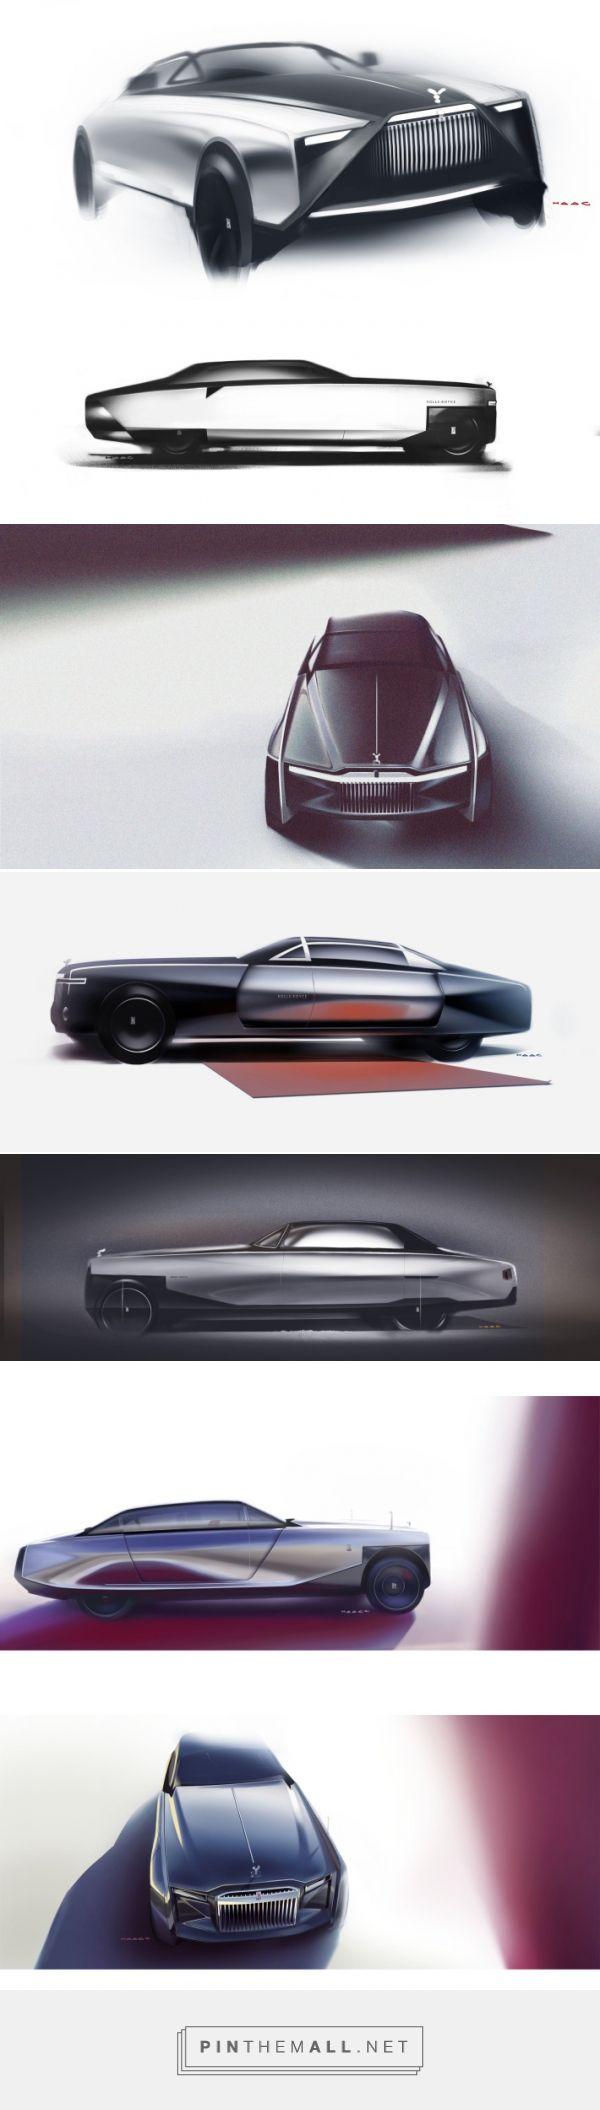 Rolls-Royce Spectre by Lukas Haag